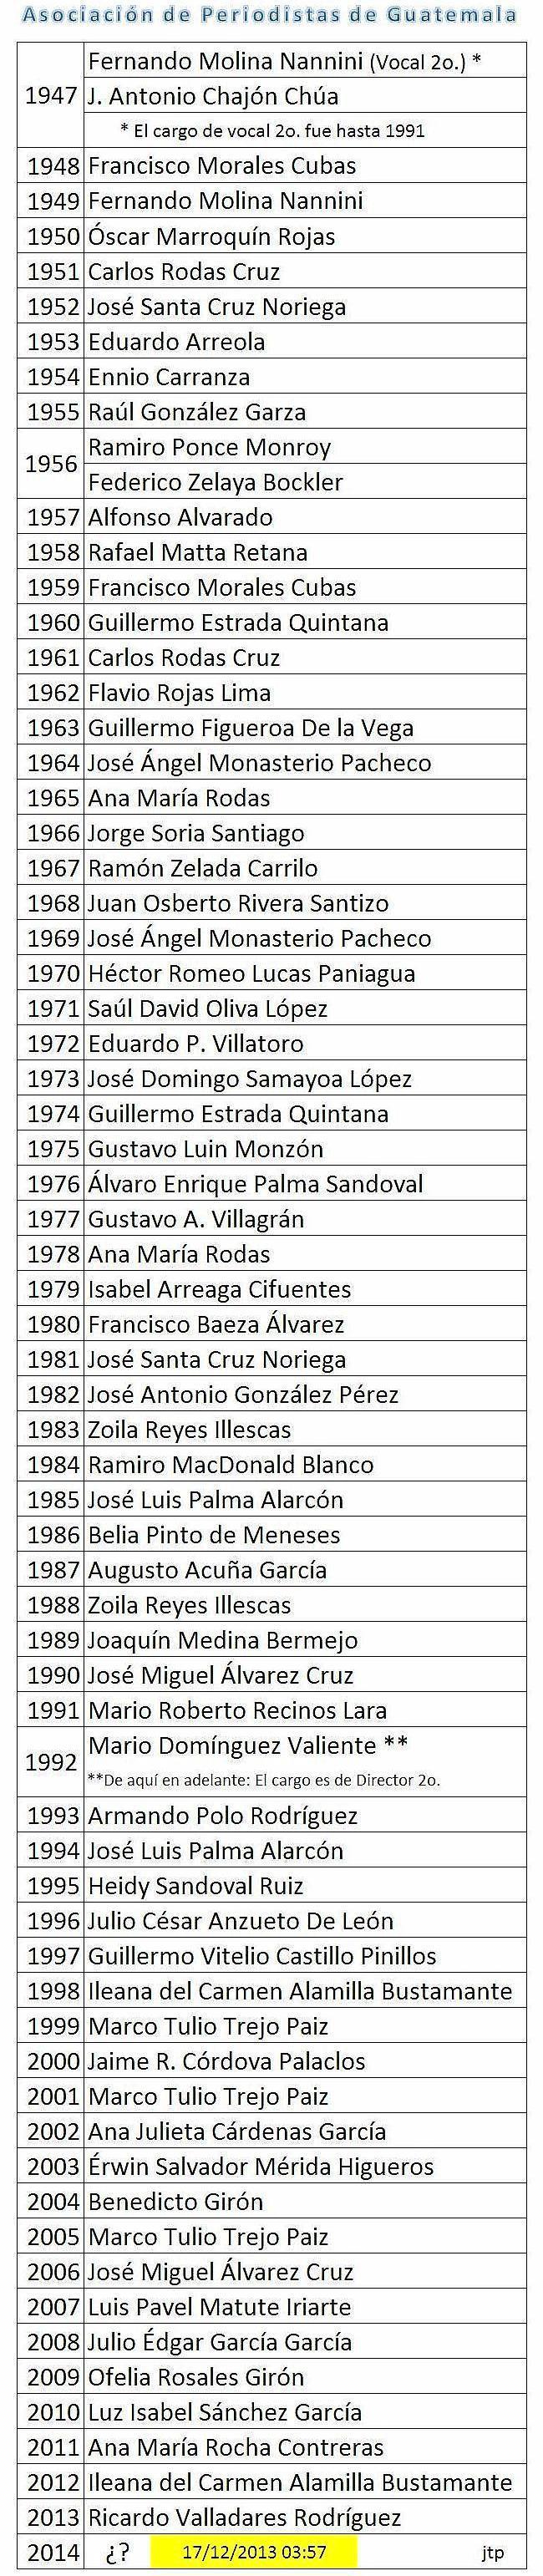 Director segundo 1947 a 2013